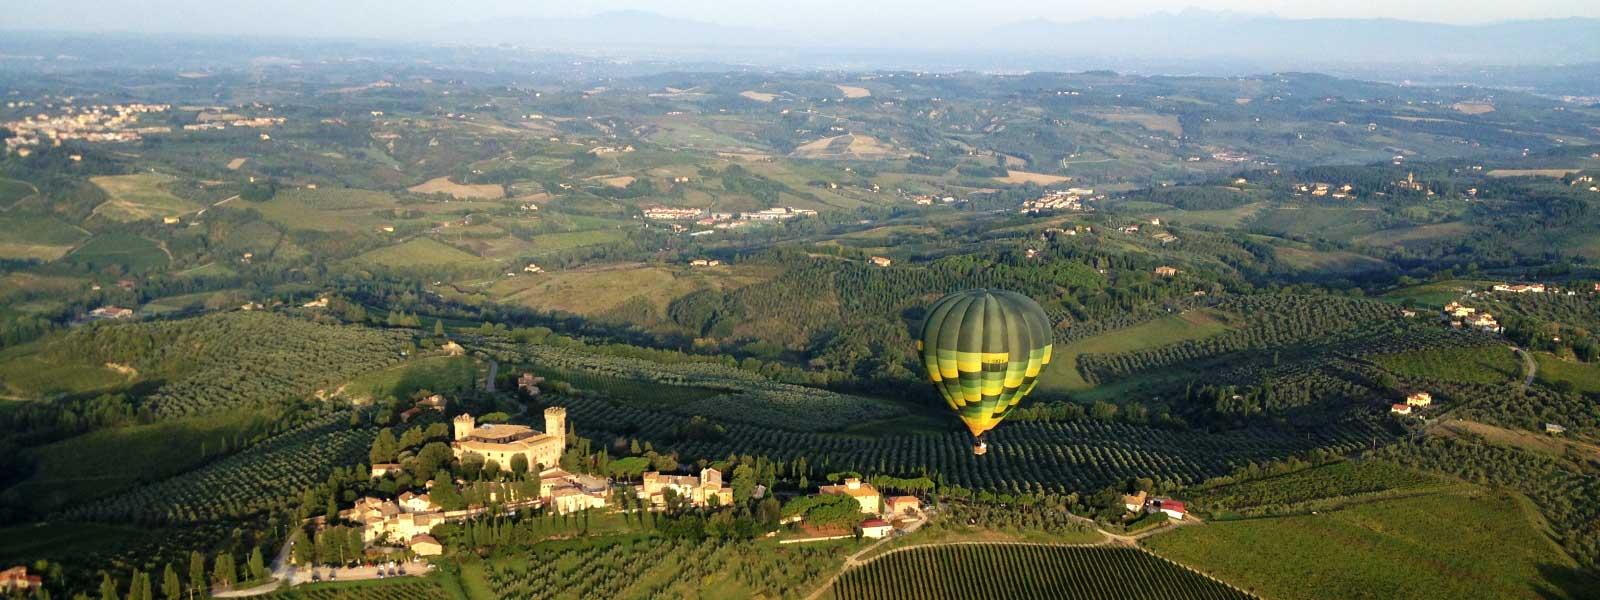 Castello-di-Poppiano-mongolfiere